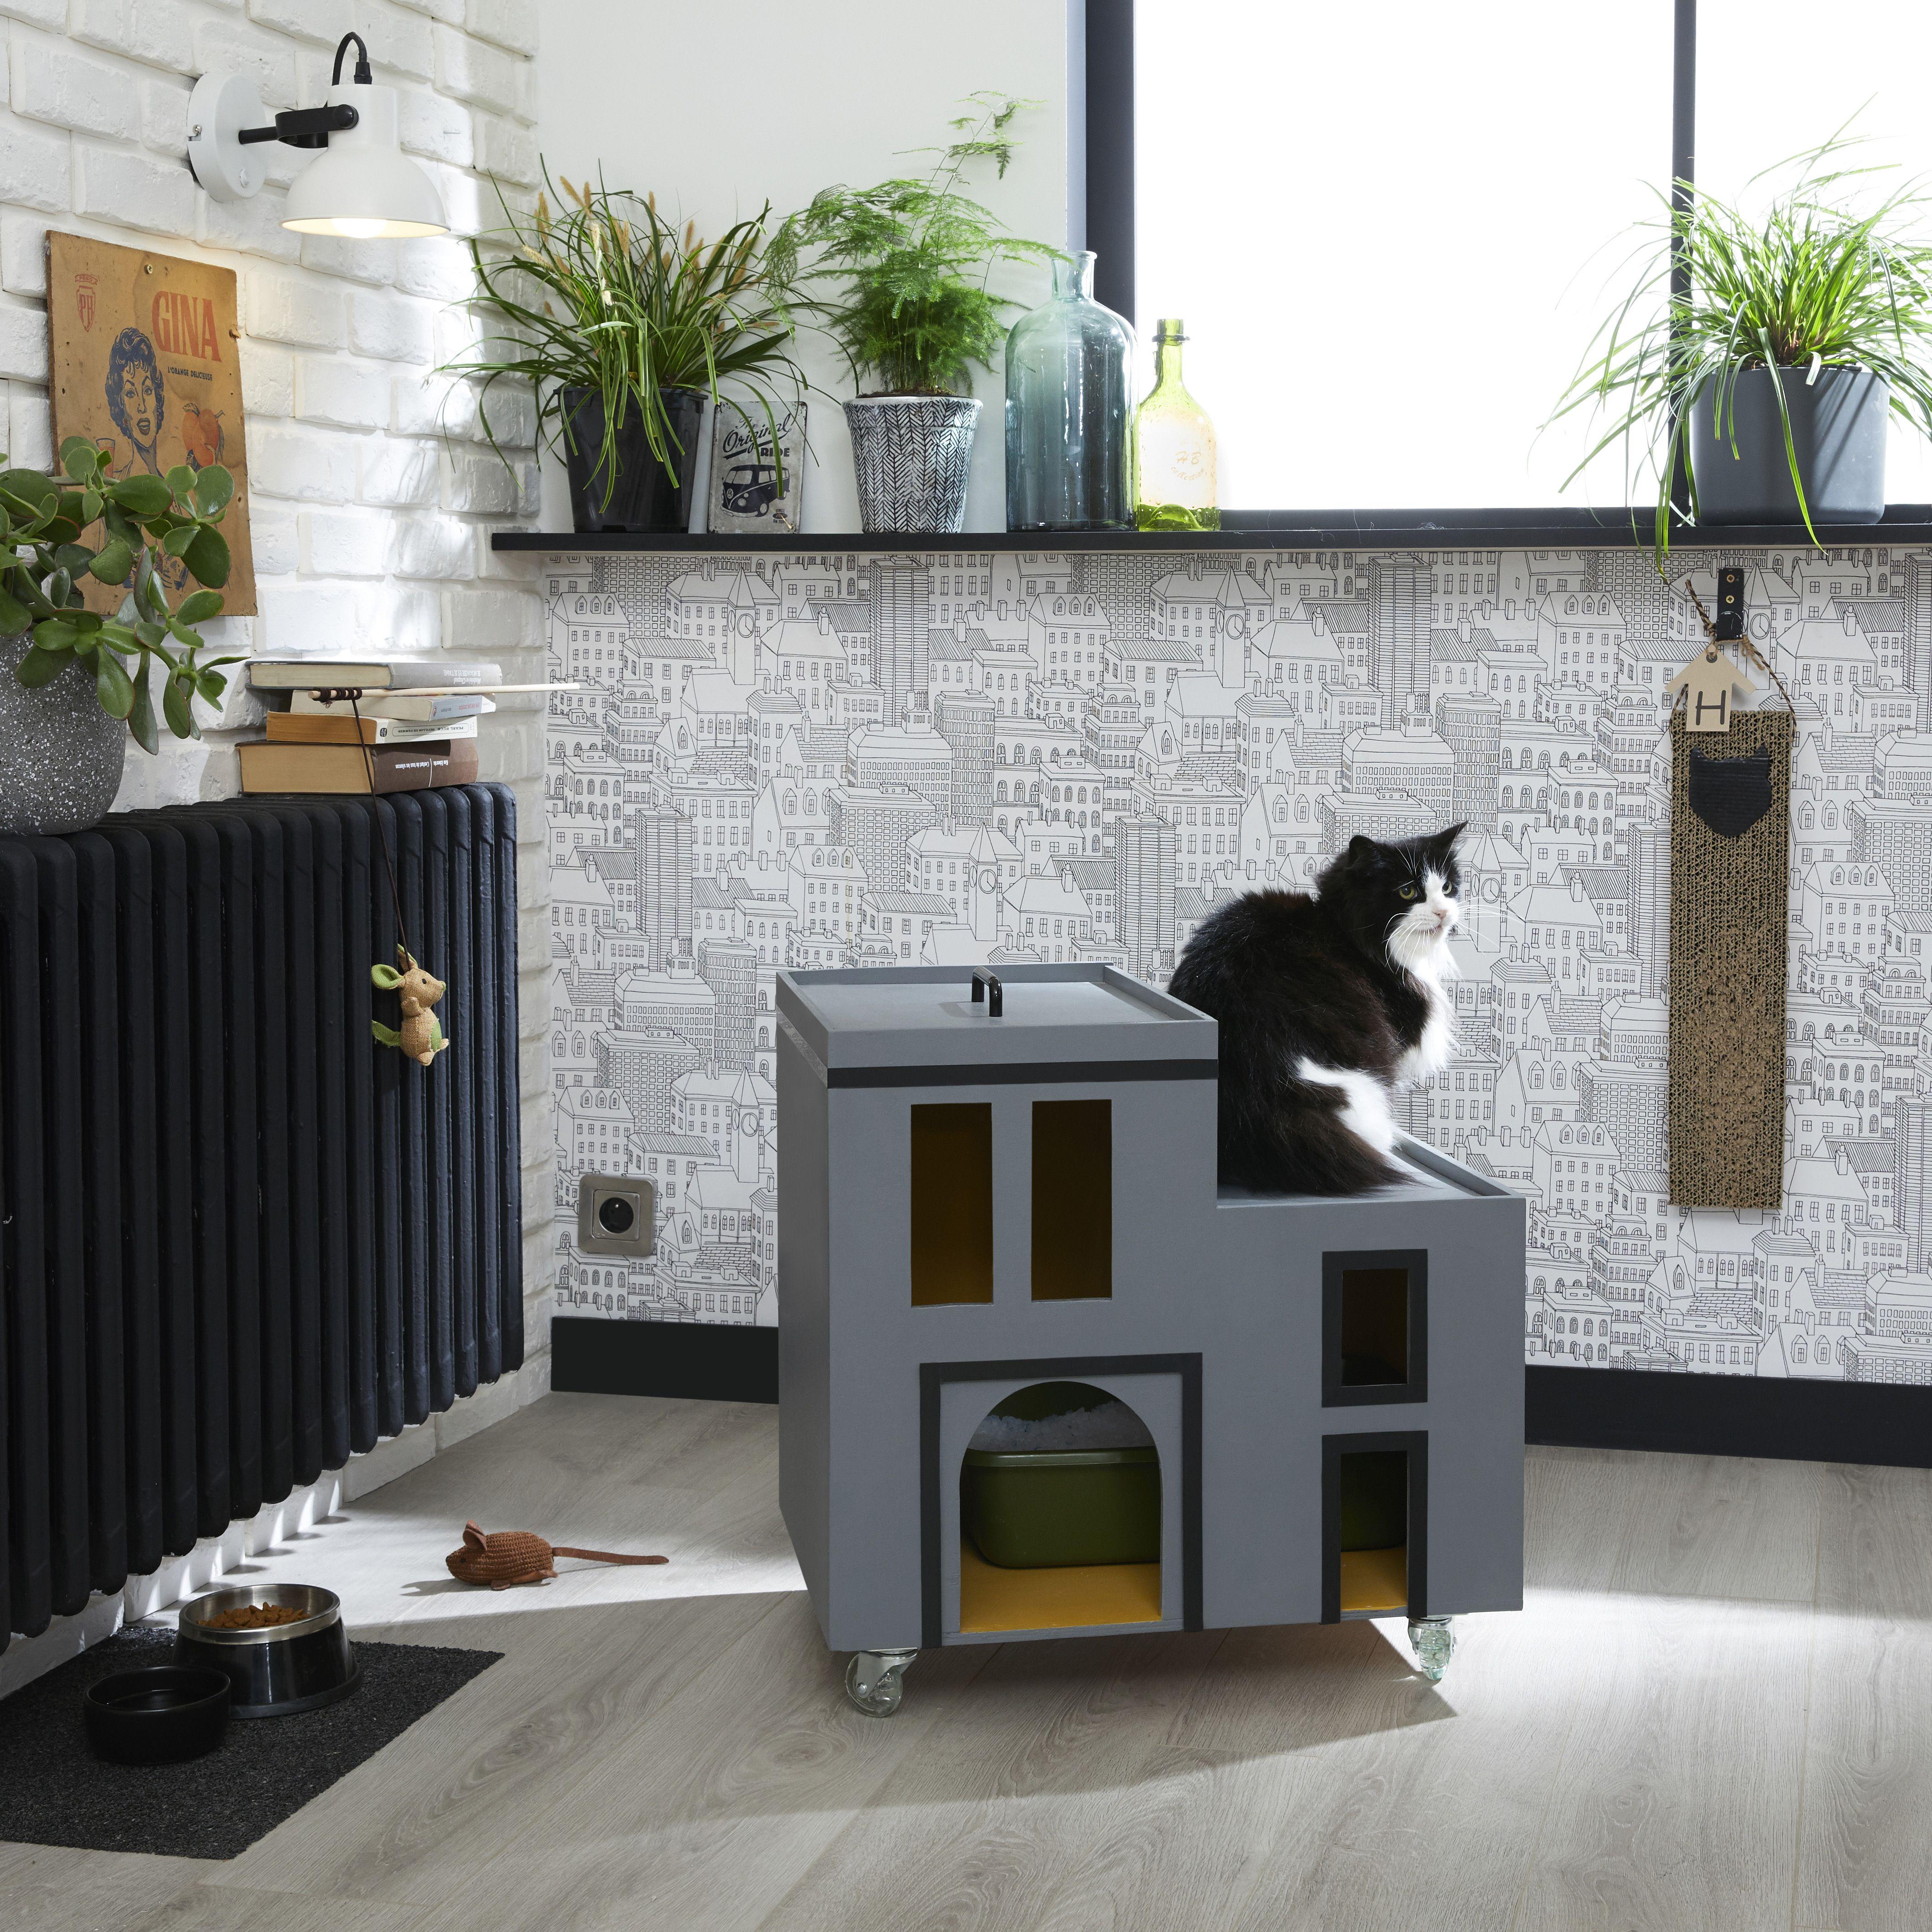 Arbre A Chat Leroy Merlin diy : créer une litière mobile pour chat | diy, maison